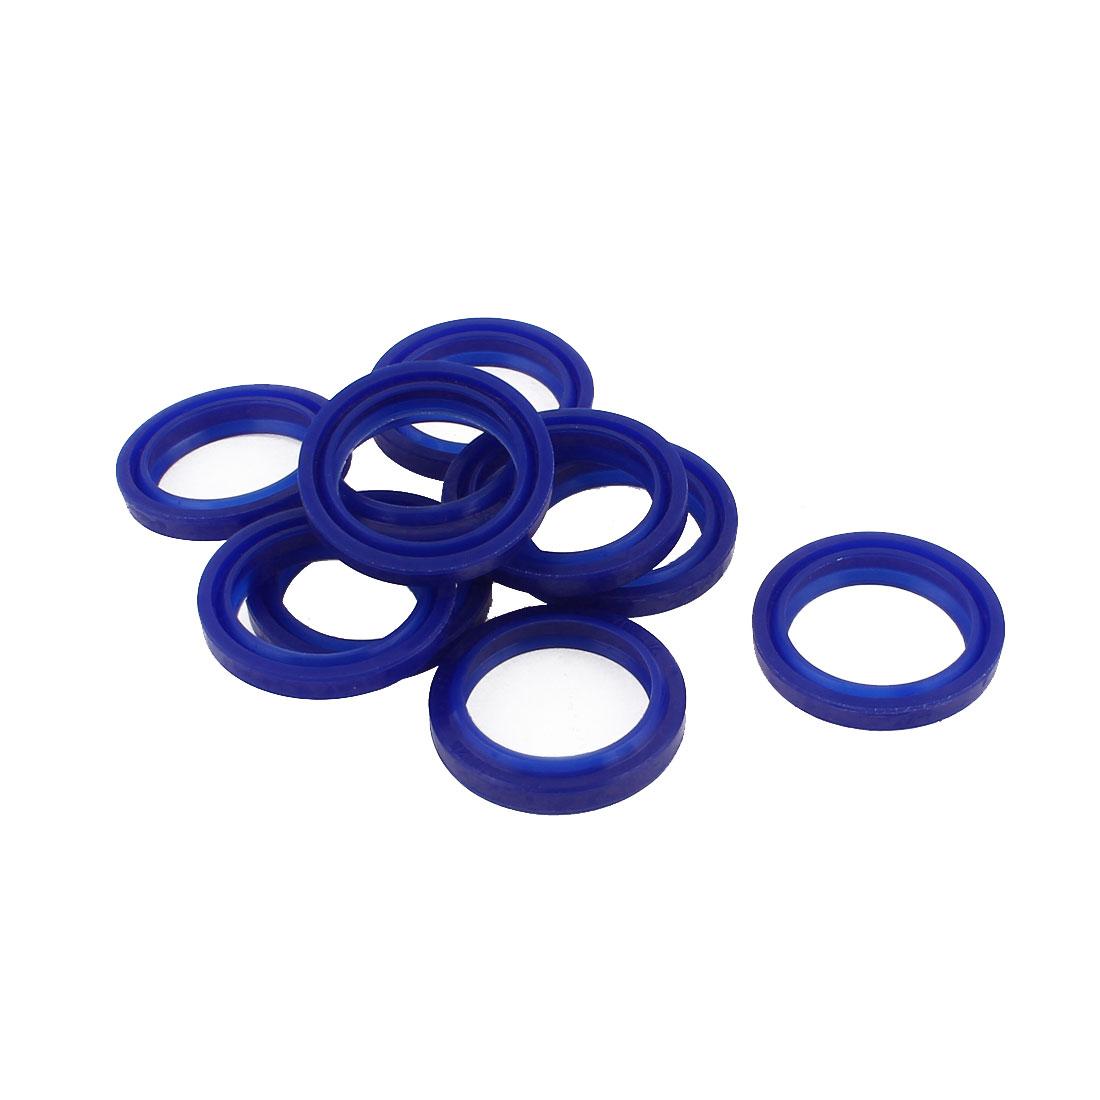 10 PCS Blue 33mm x 25mm x 6mm Grooving Rubber Skeleton Oil Sealed Seal Gasket